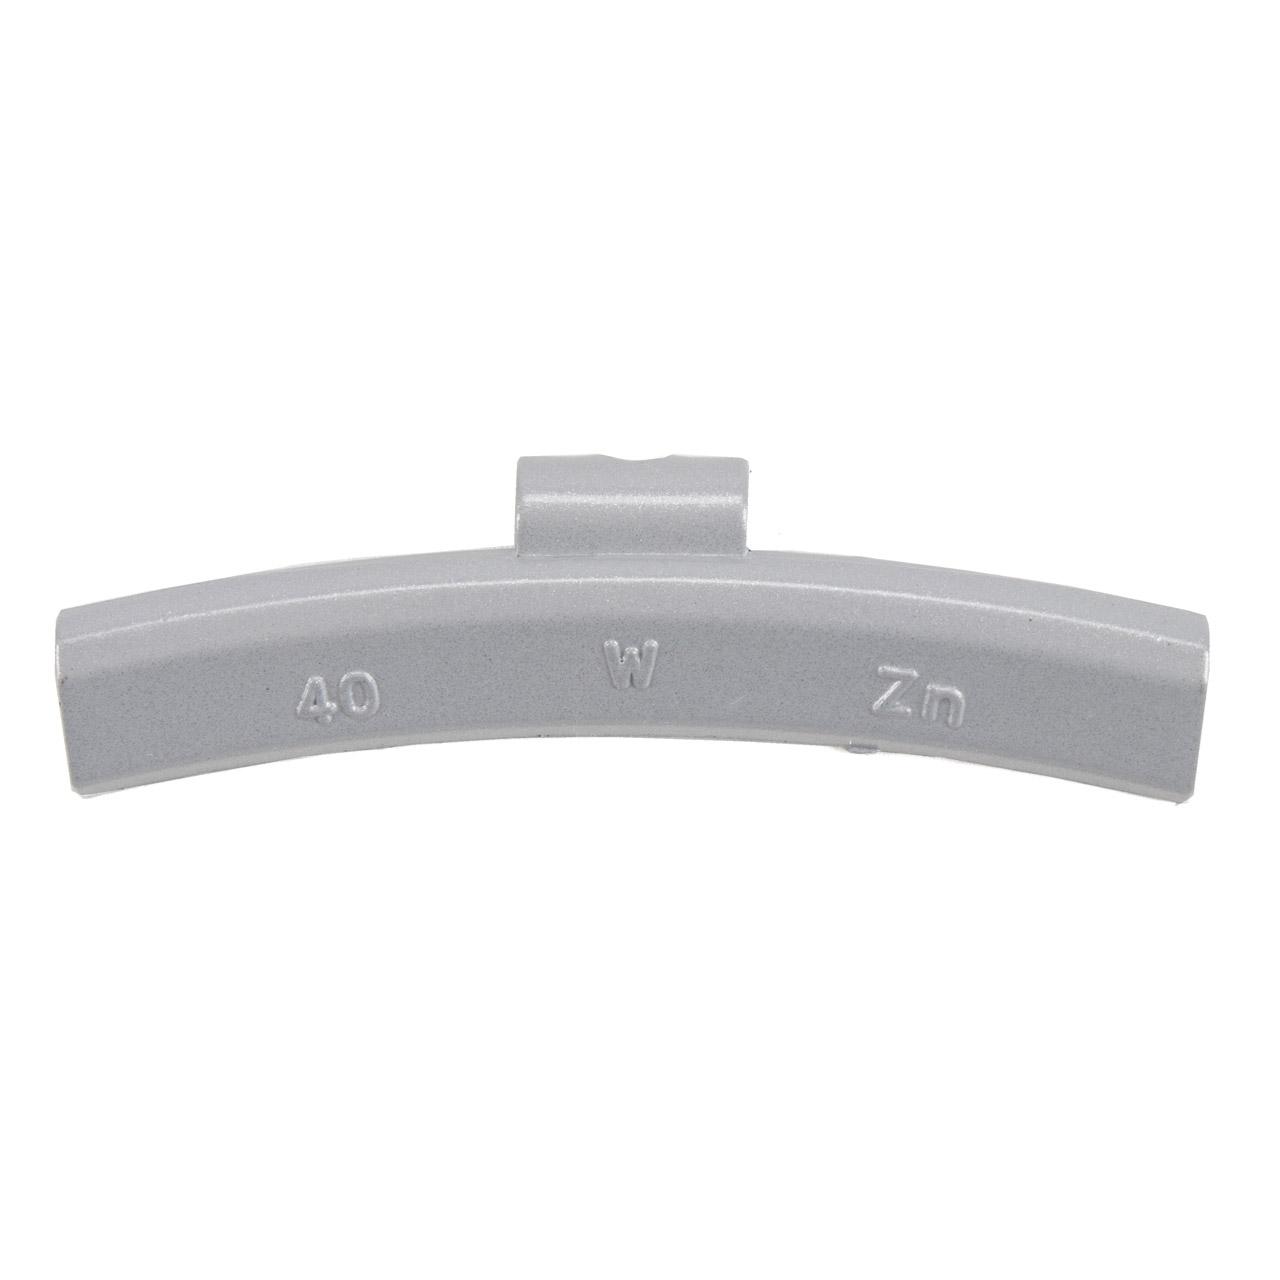 GEMATIC Auswuchtgewicht Schlaggewicht für Alufelge GRAU-ZINK 50 Stück x 40g